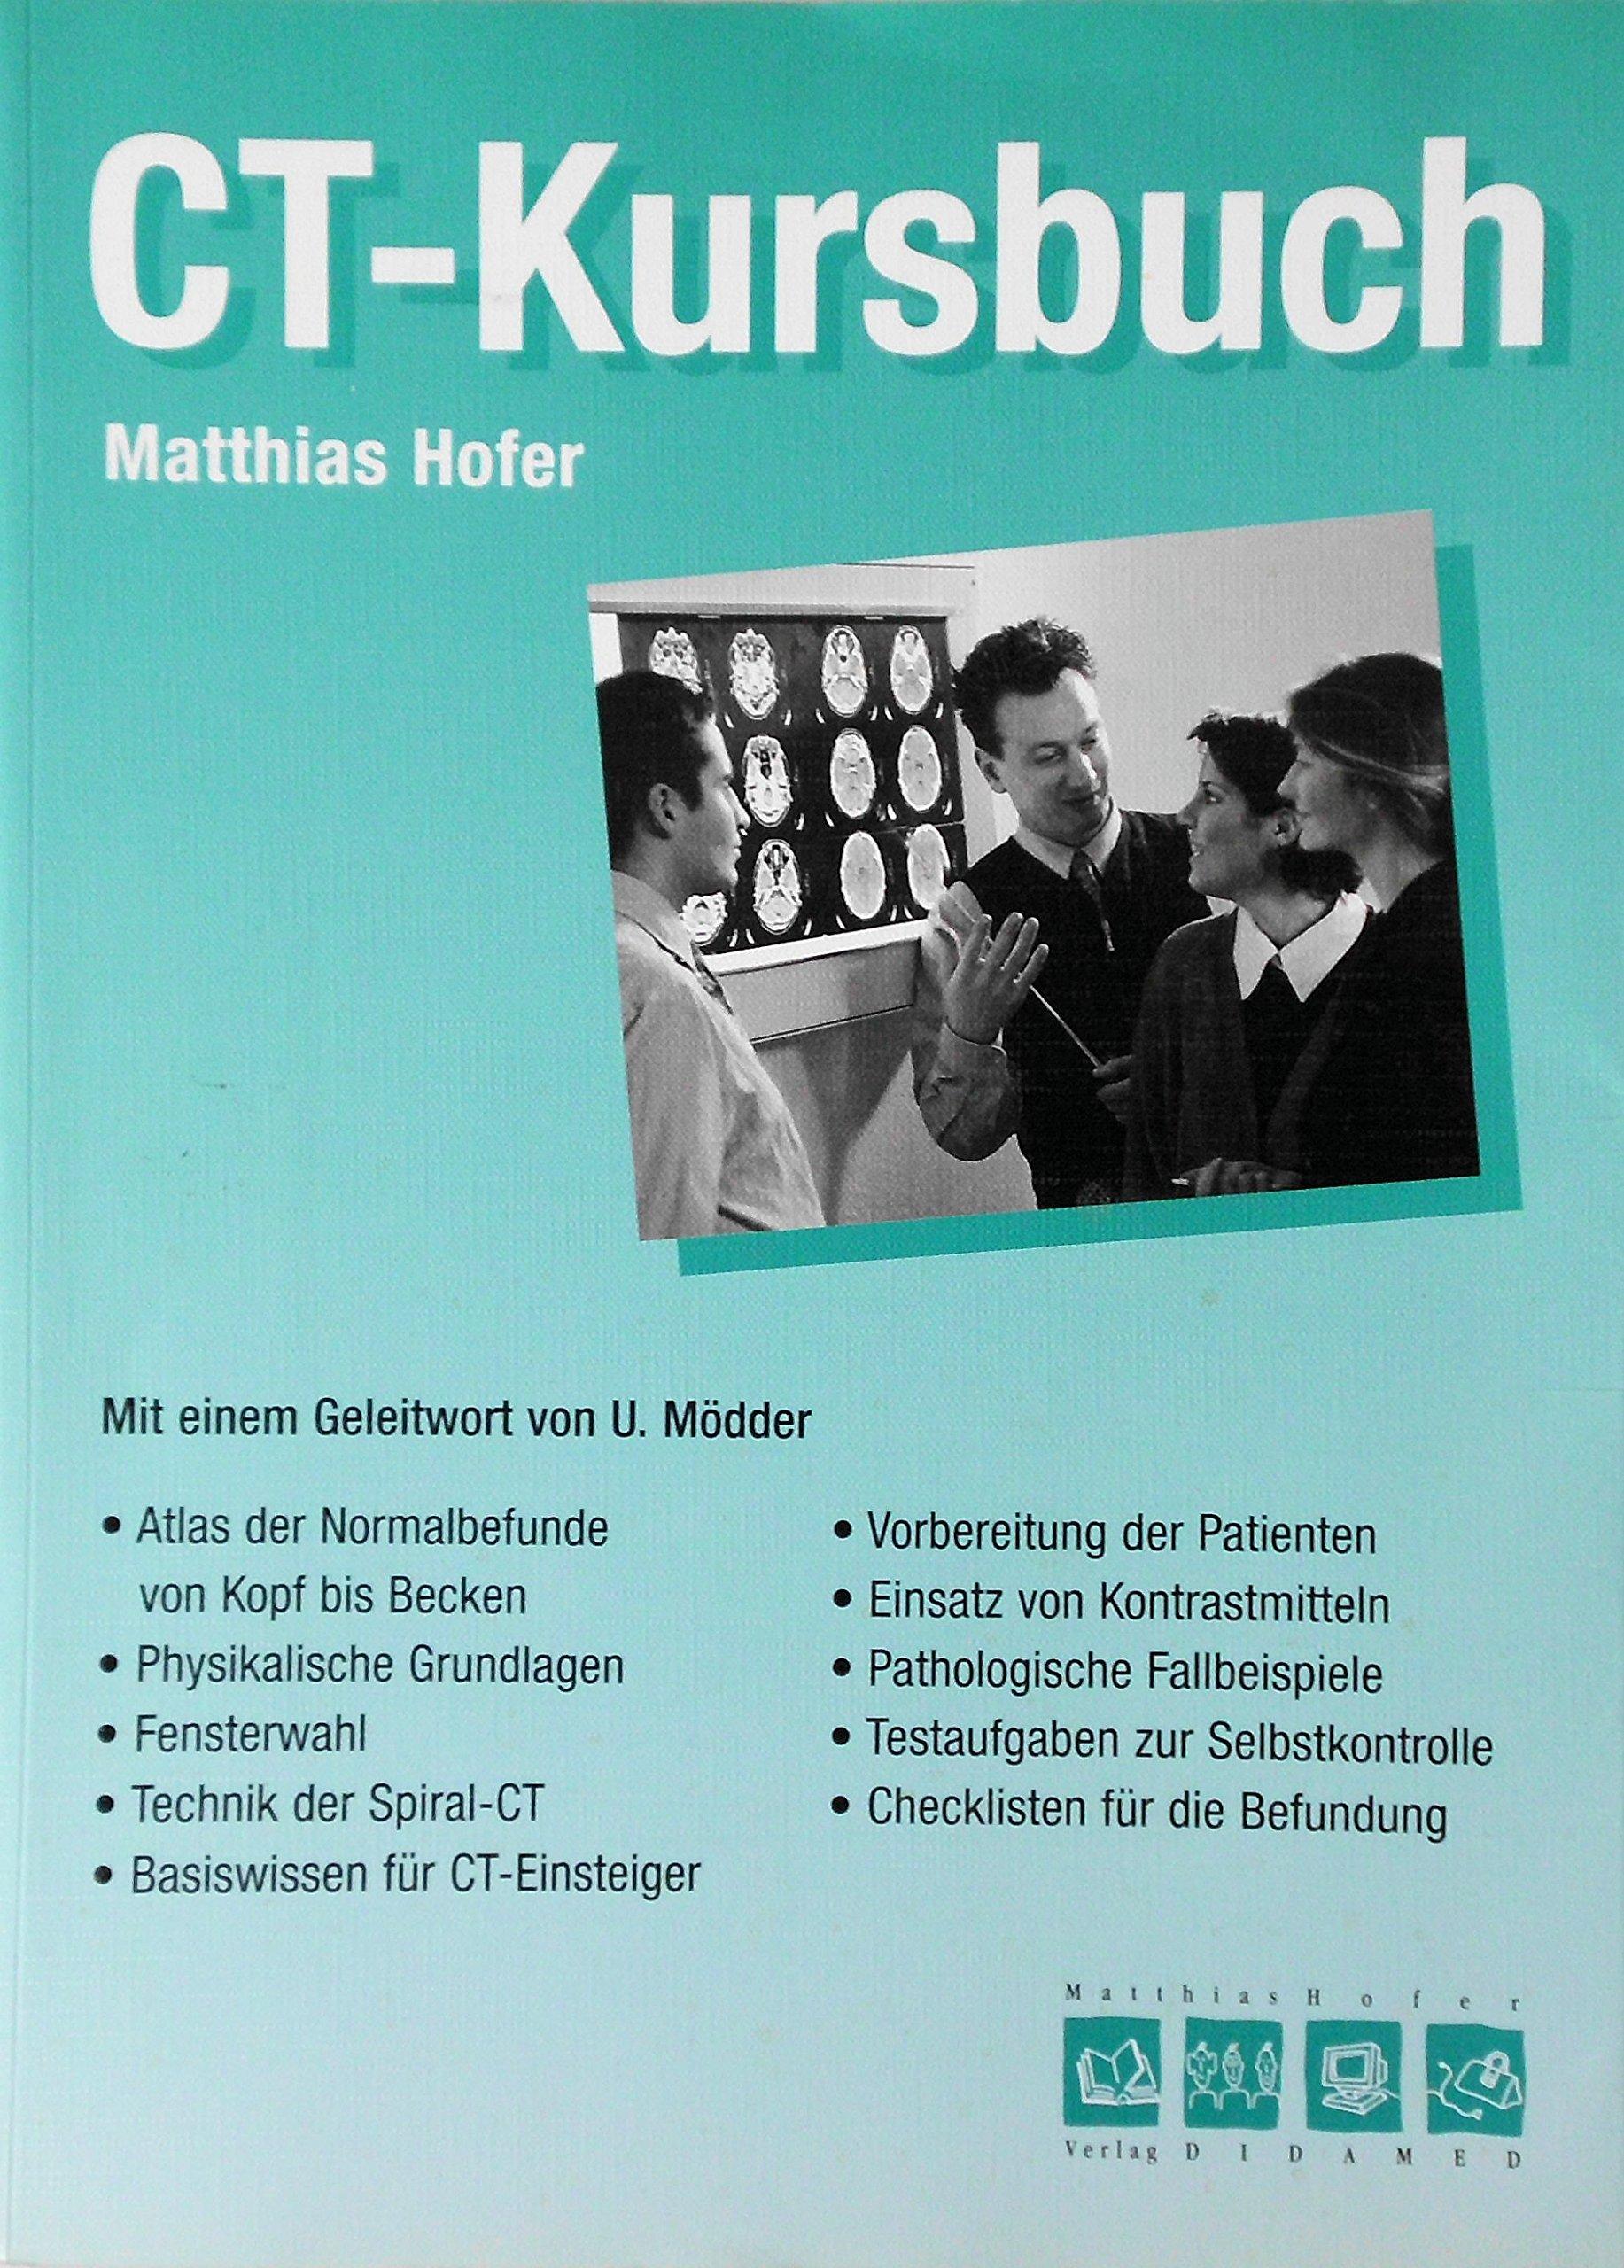 CT-Kursbuch